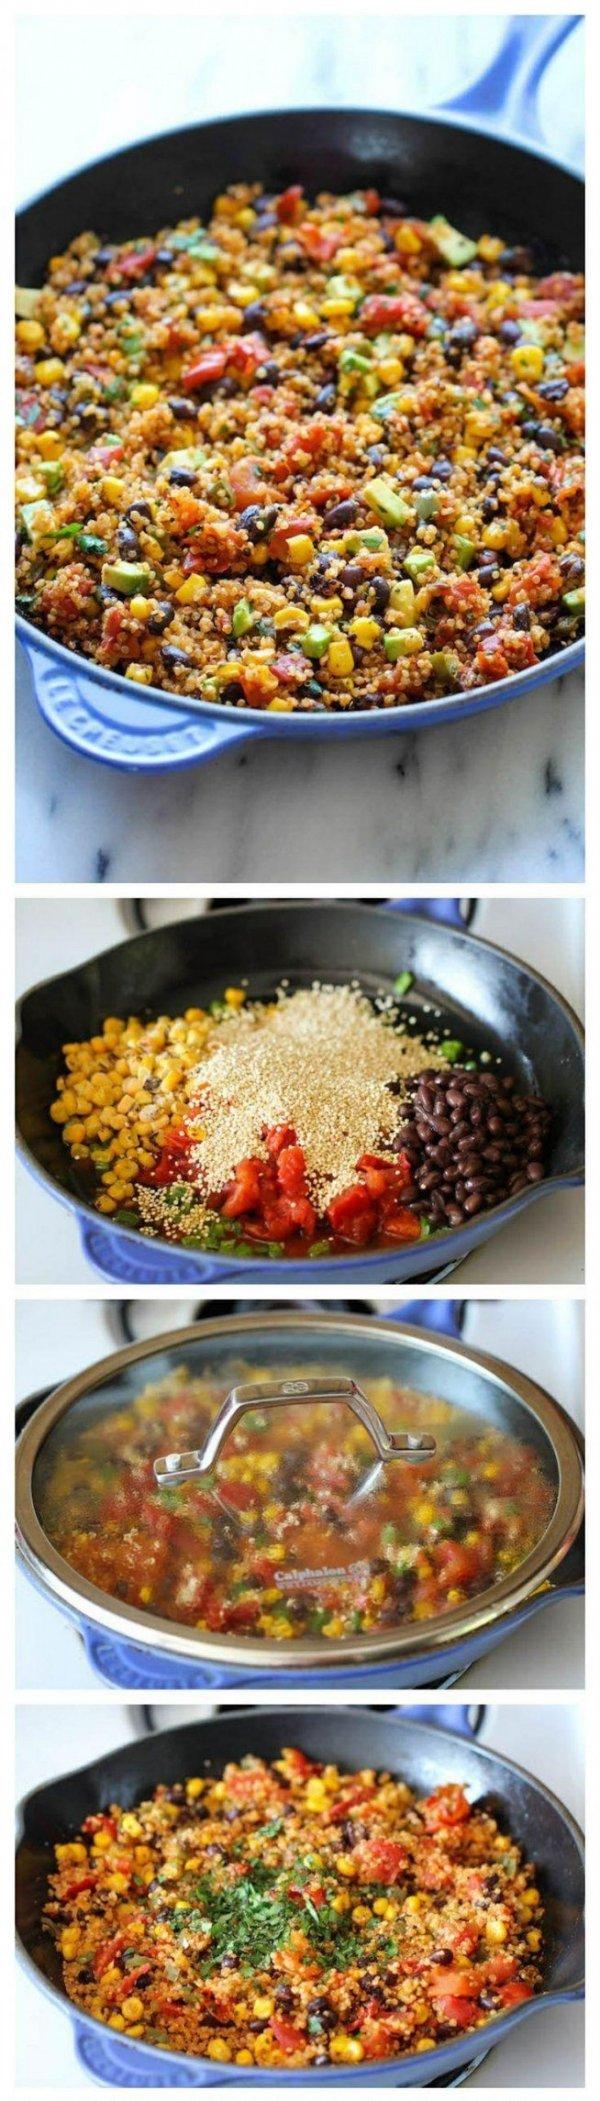 Kasza jaglana smażona z warzywami - Pyszny i zdrowy obiad w 5 minut!!!